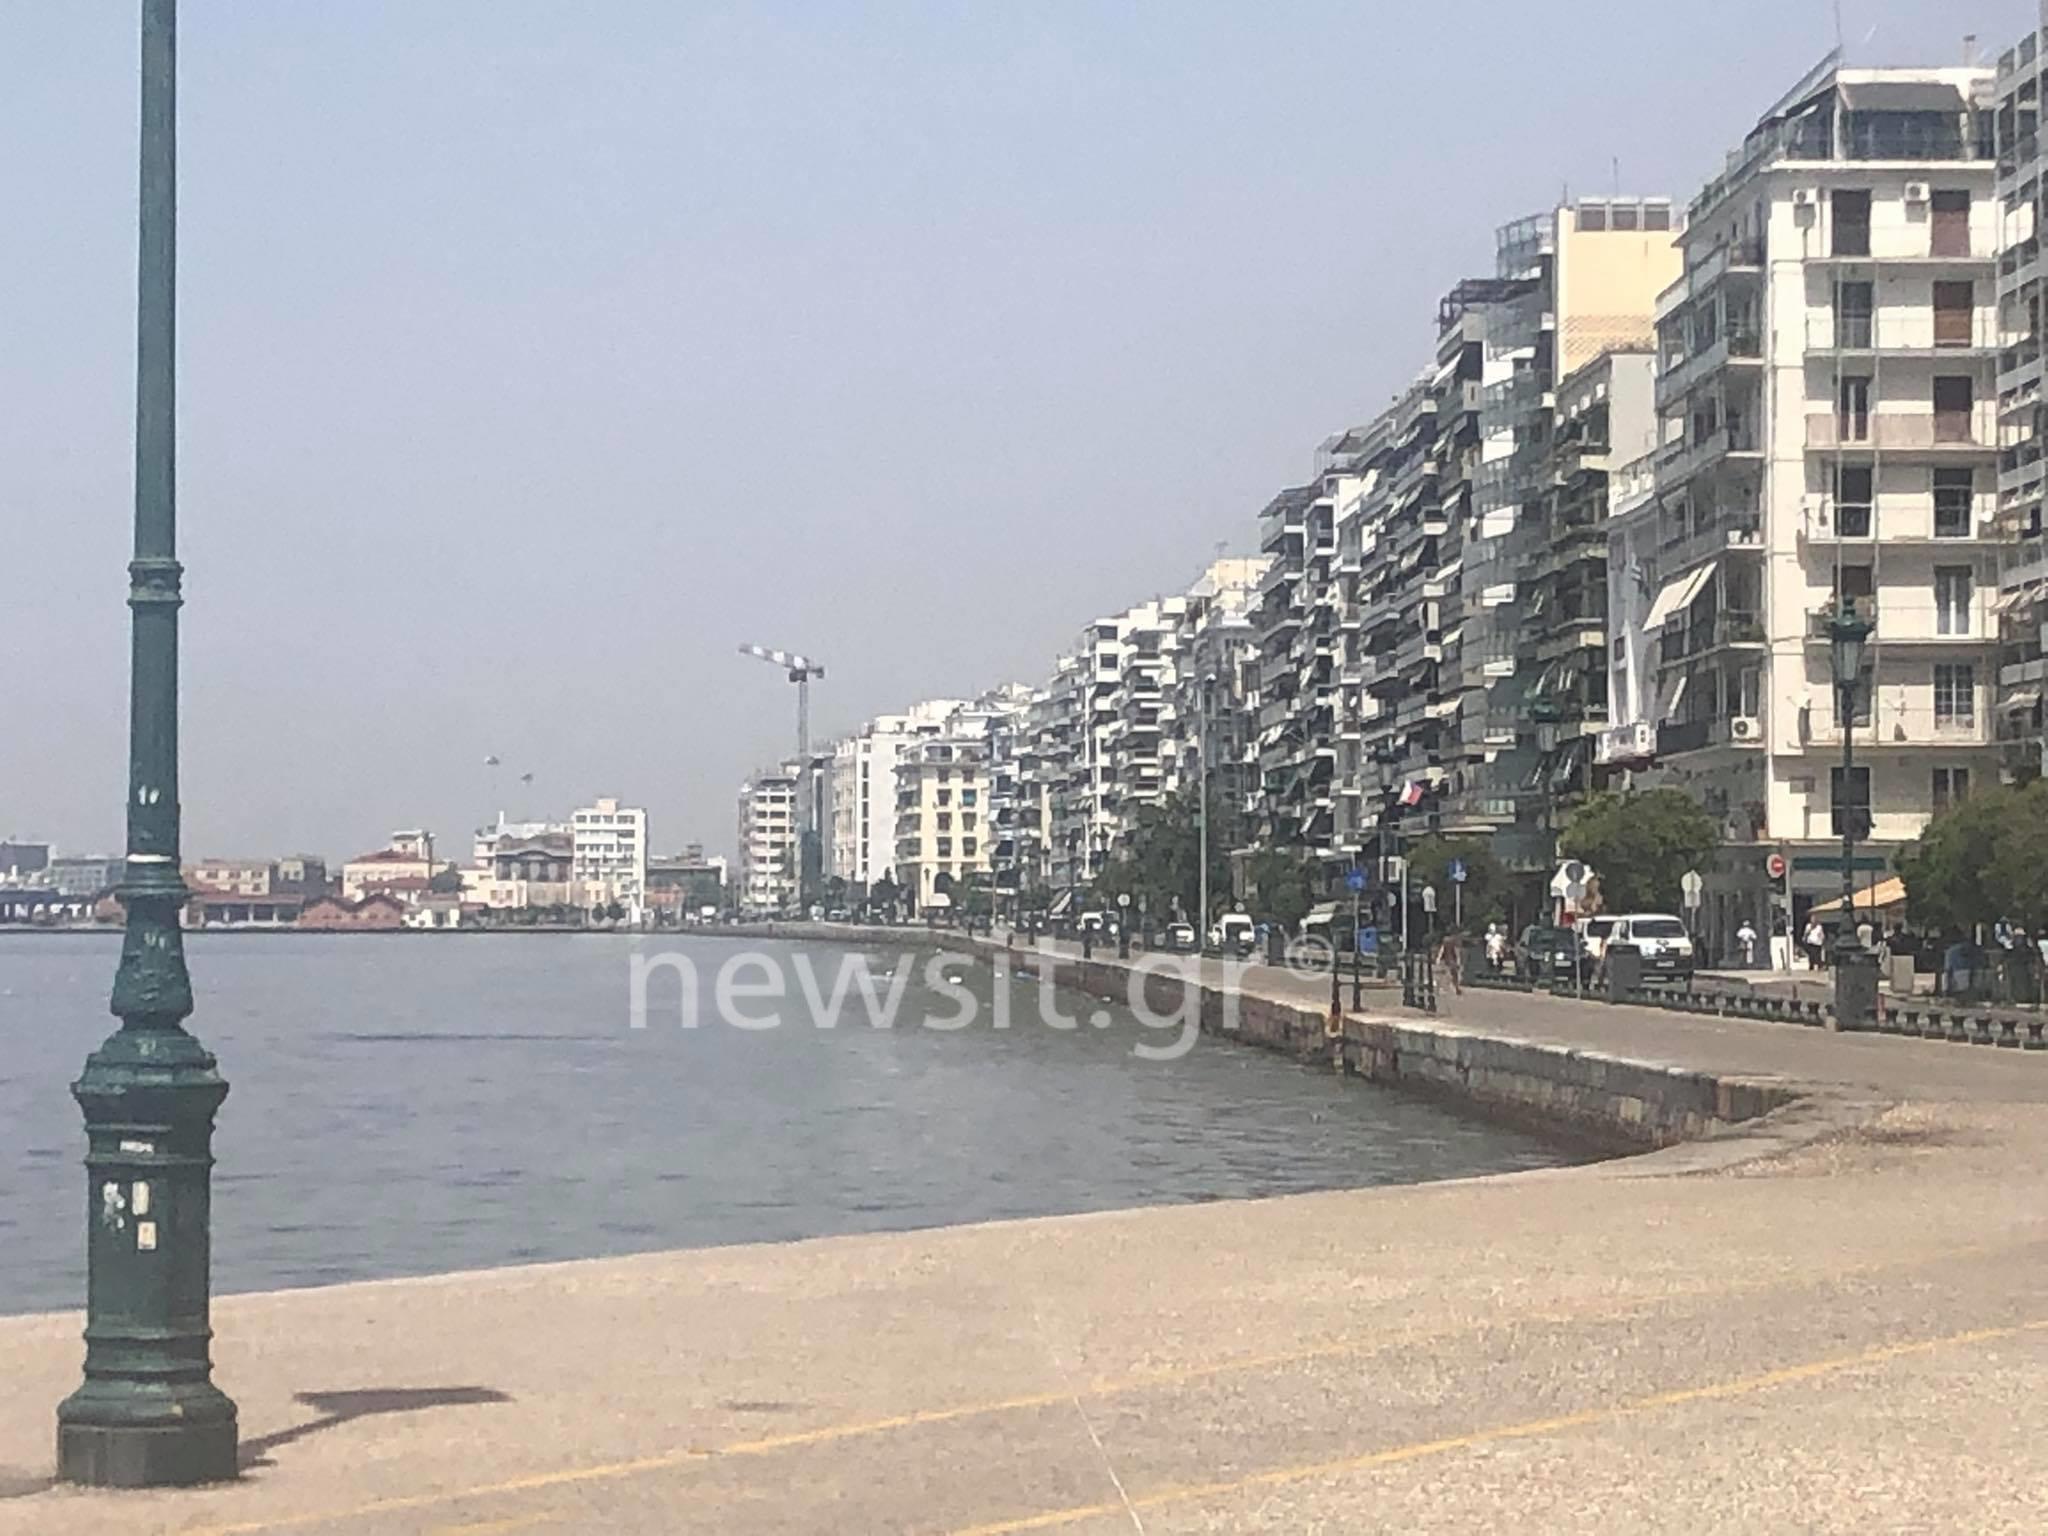 Καύσωνας στη Θεσσαλονίκη: Άδειασε η πόλη λόγω… ζέστης